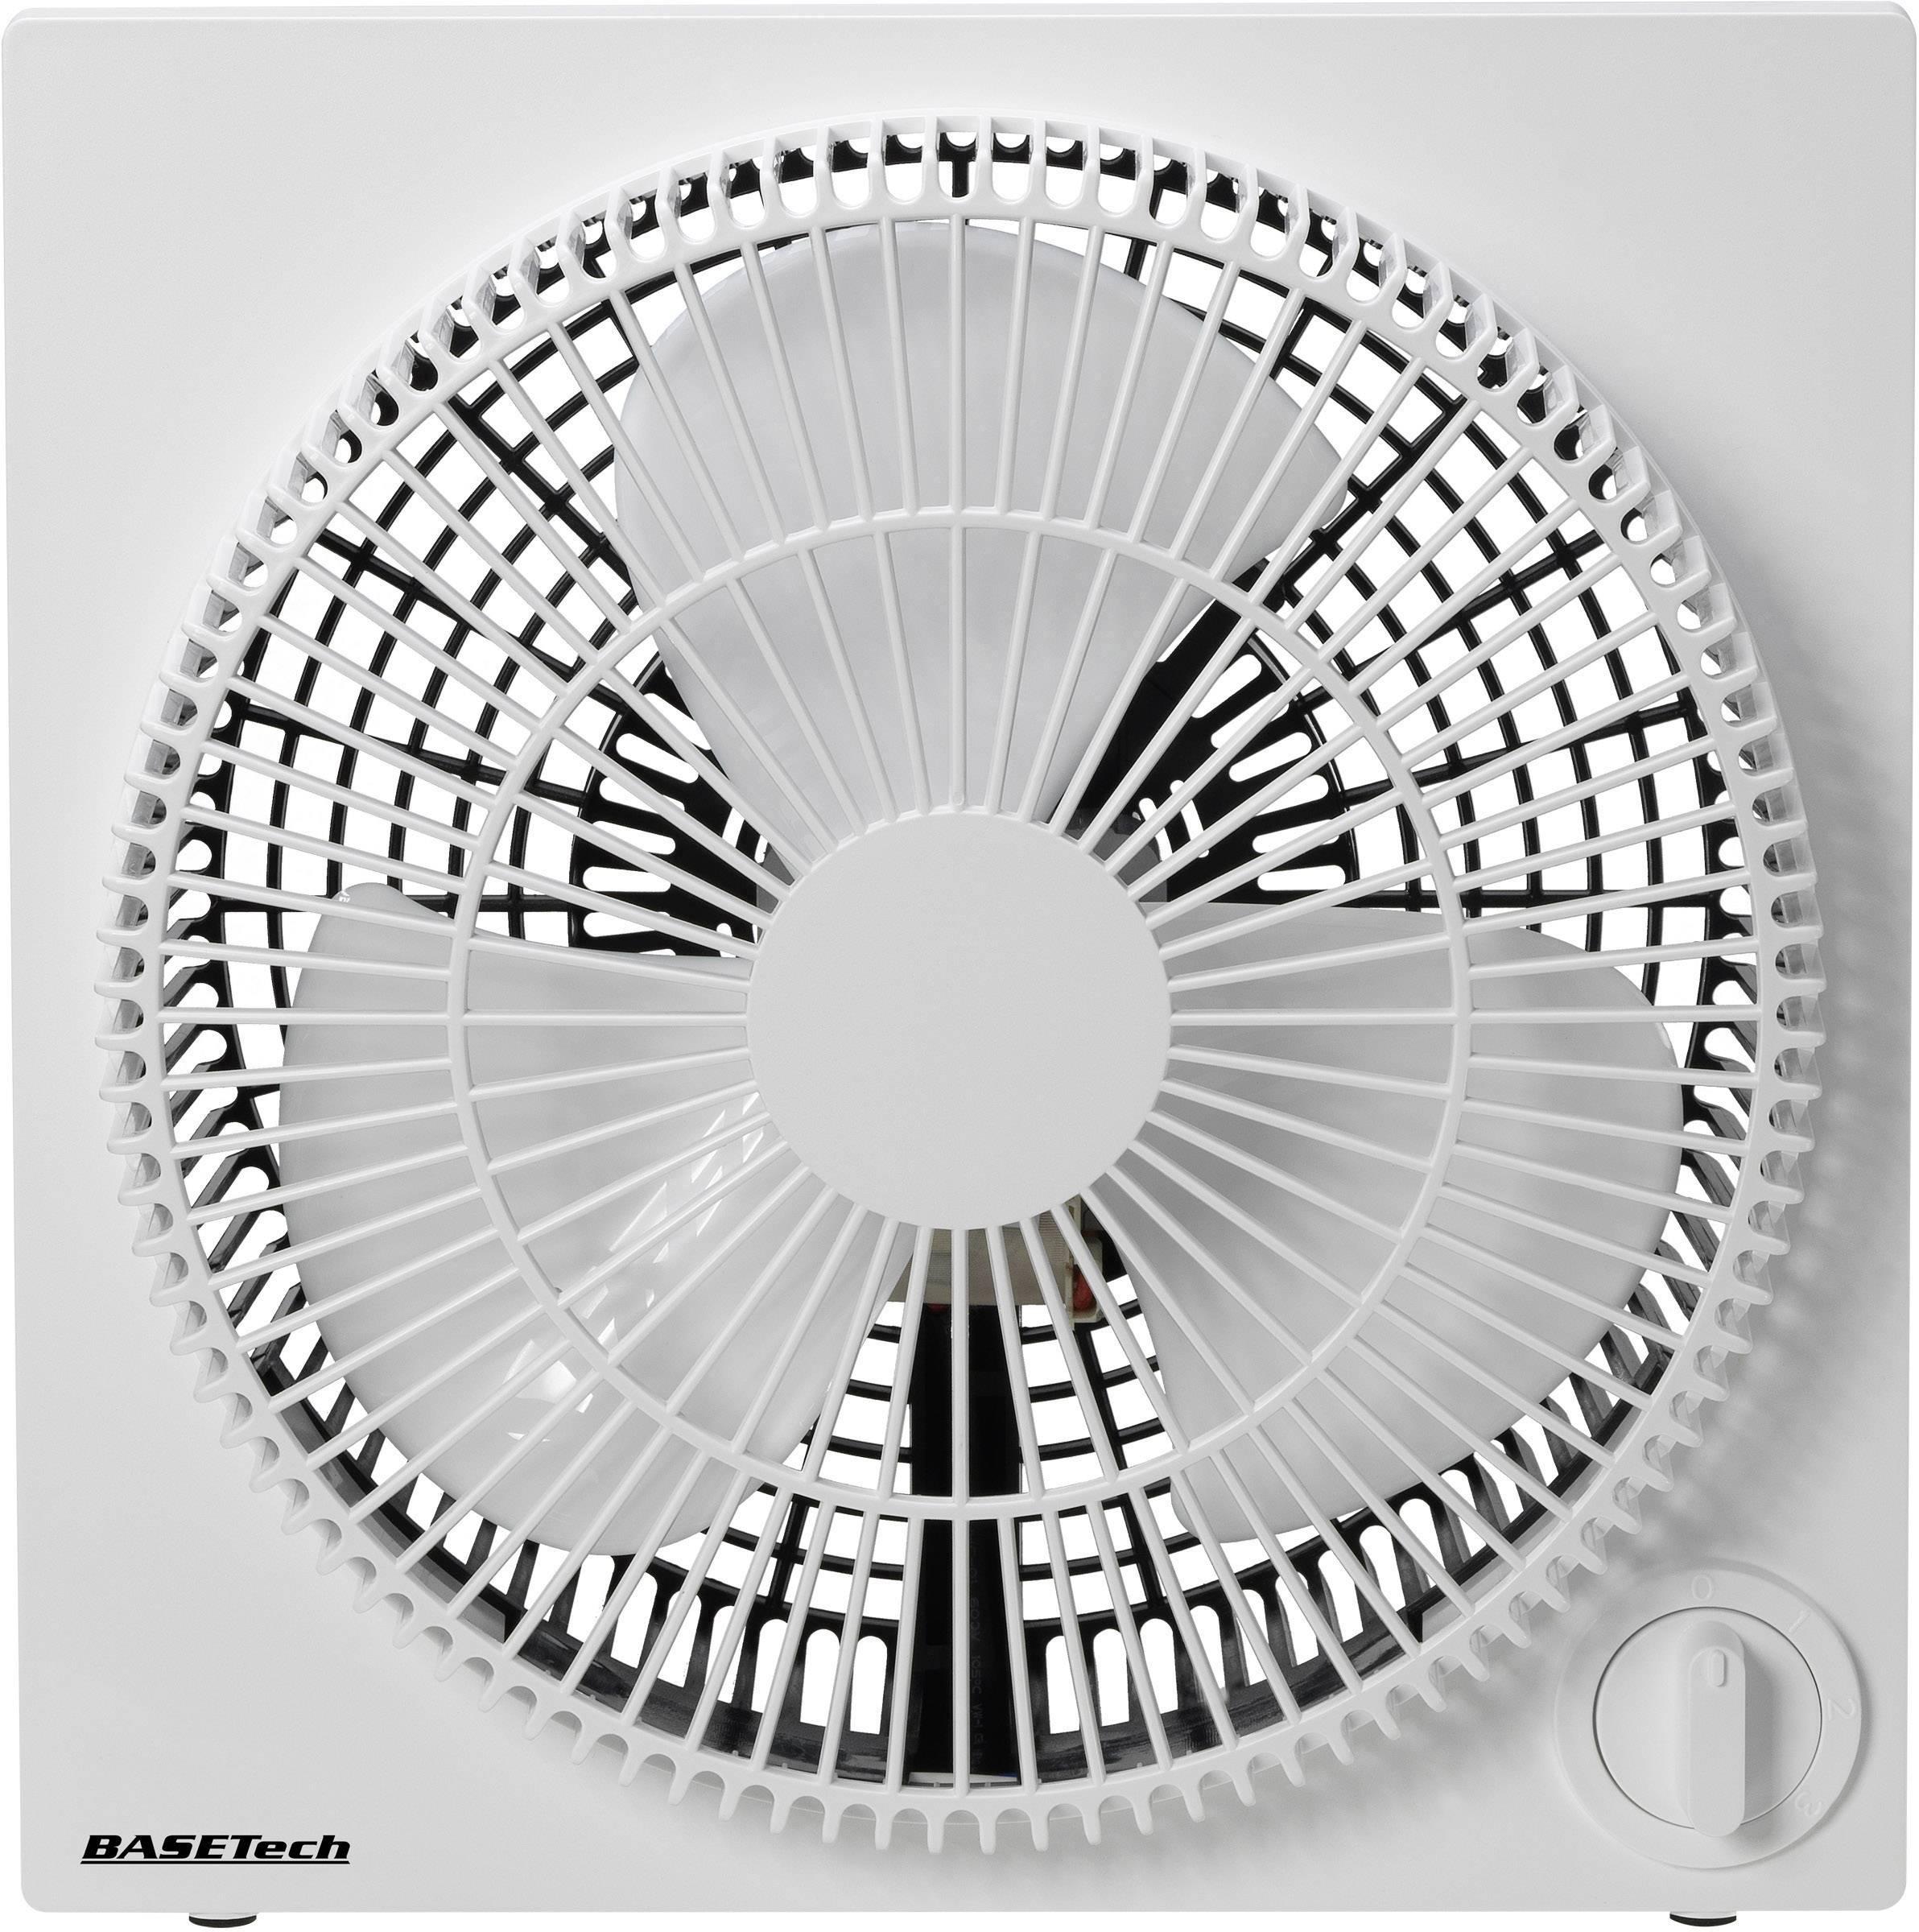 Stolný ventilátor Basetech VE-5925PR, 34 W, biela, čierna